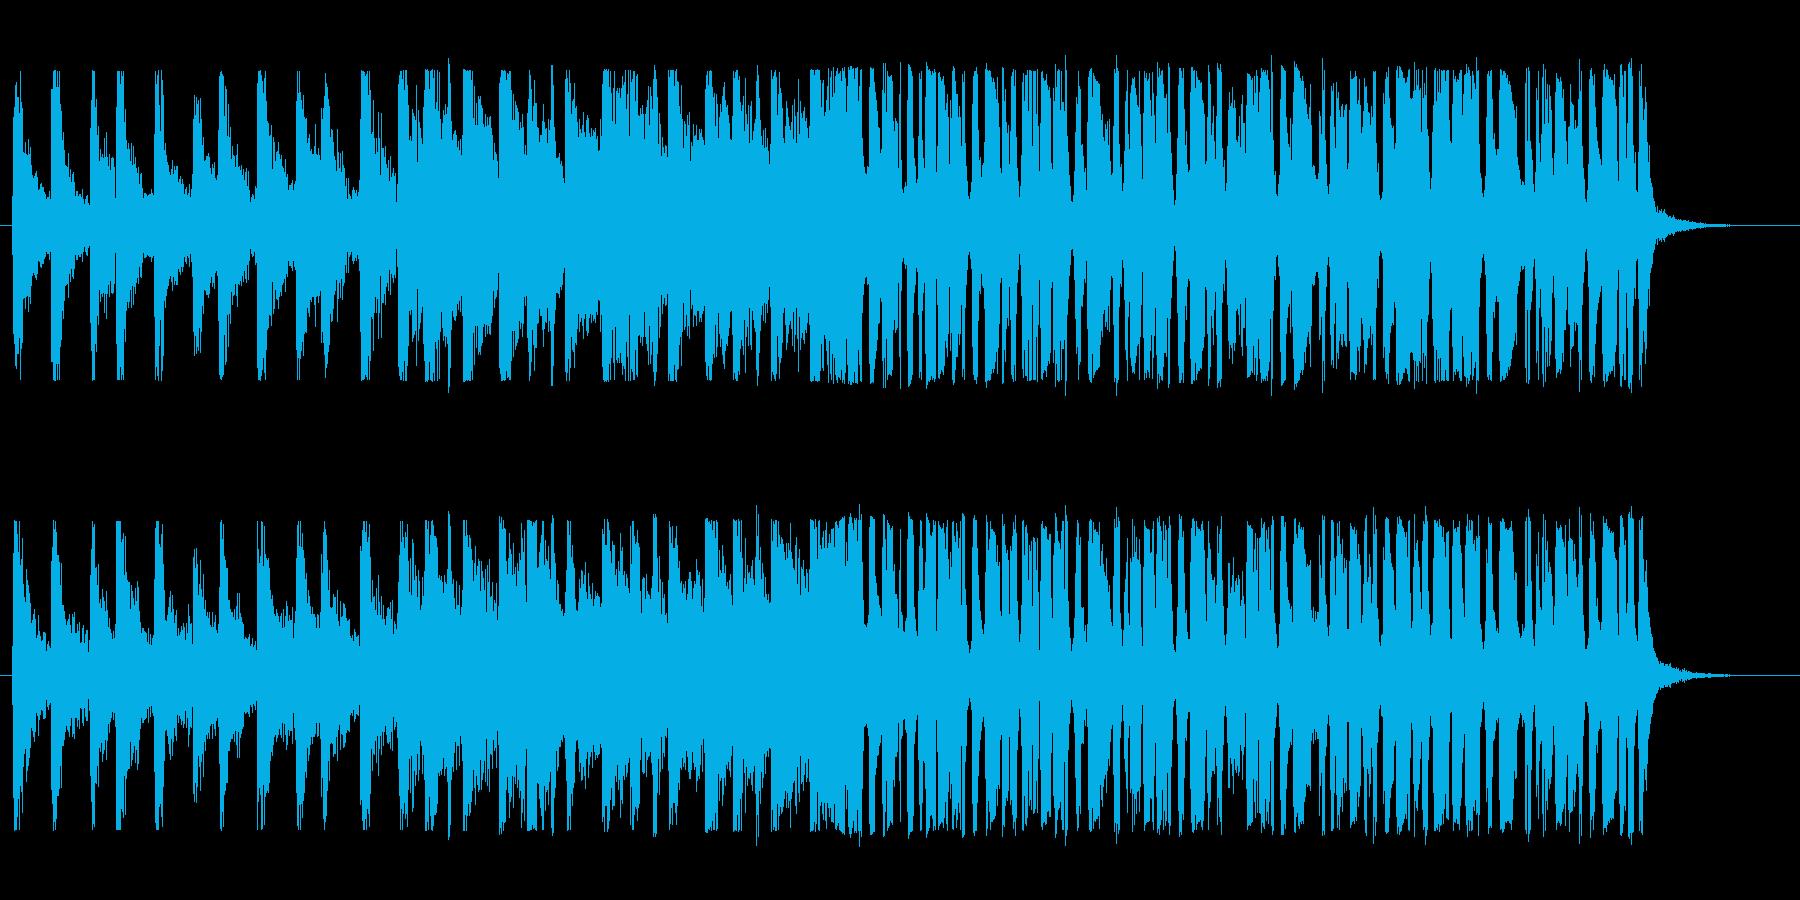 楽観的なファンク の再生済みの波形